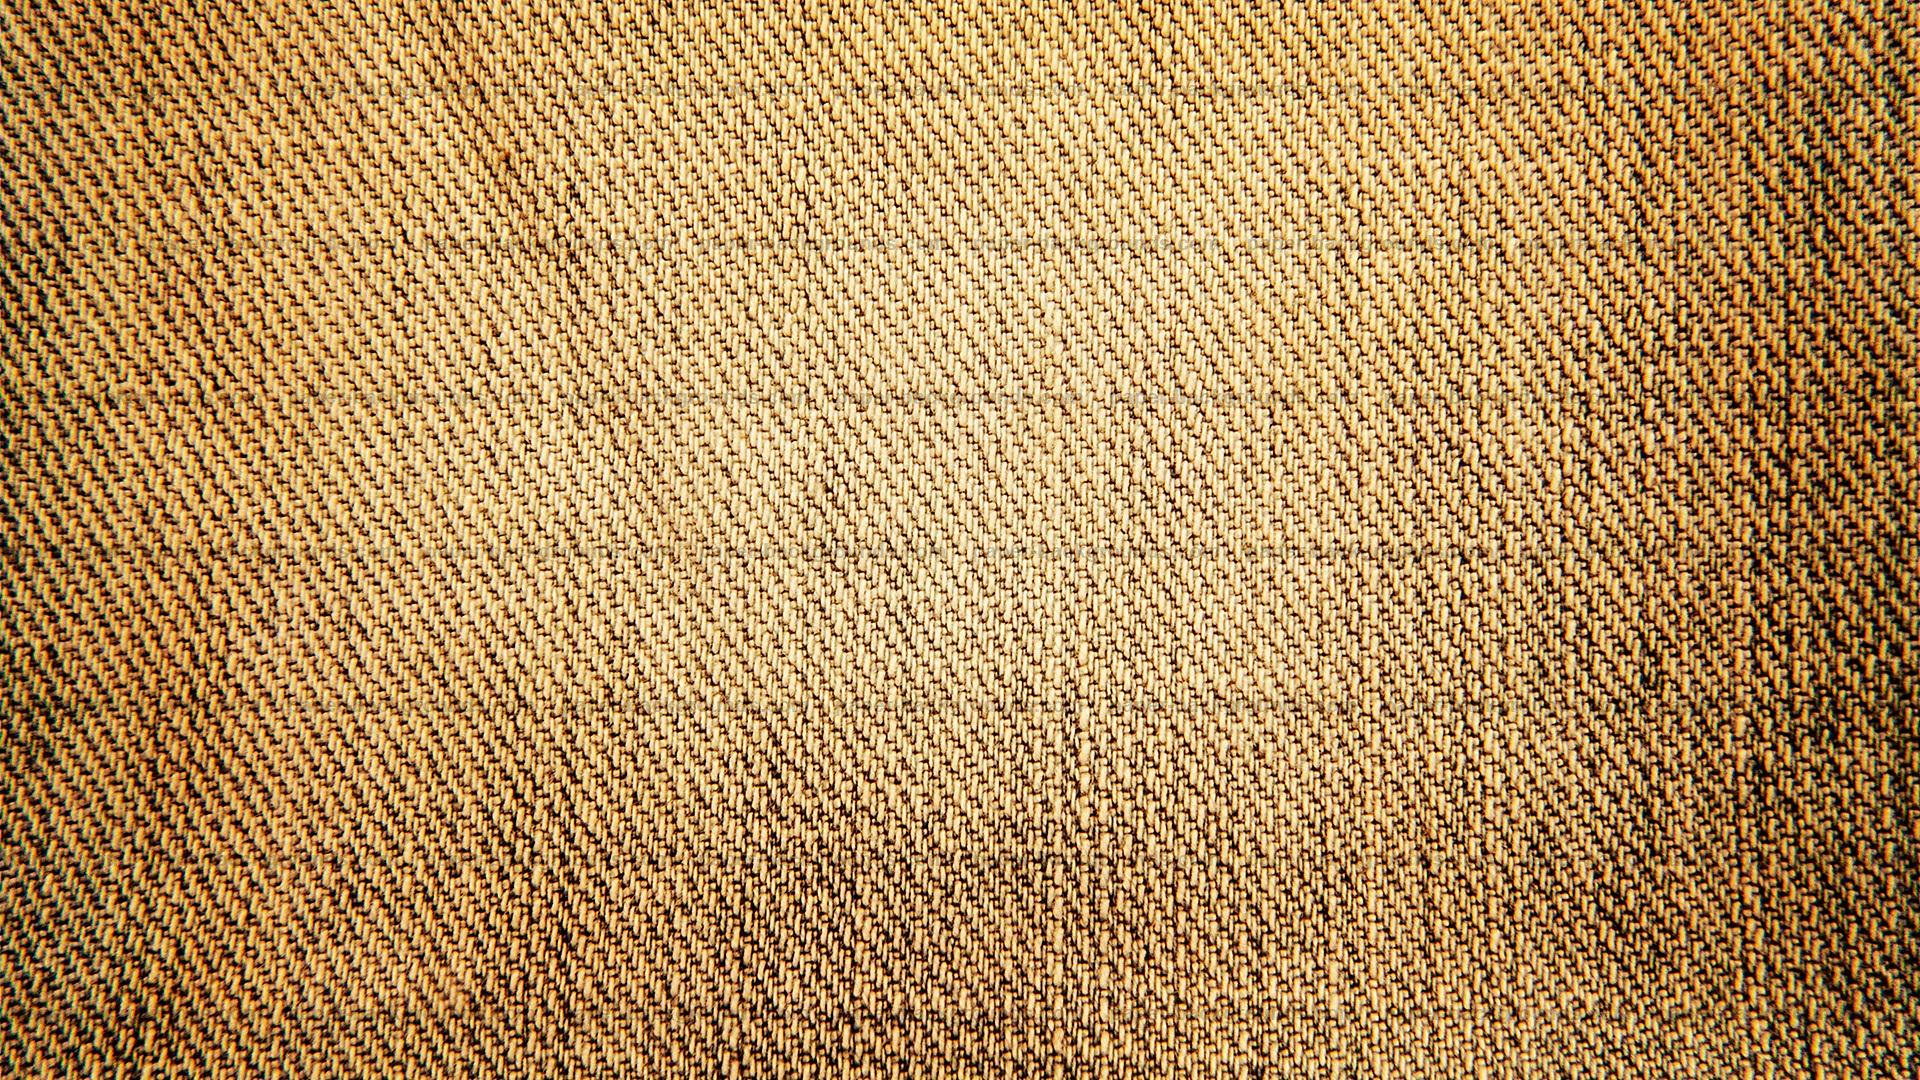 vintage canvas texture